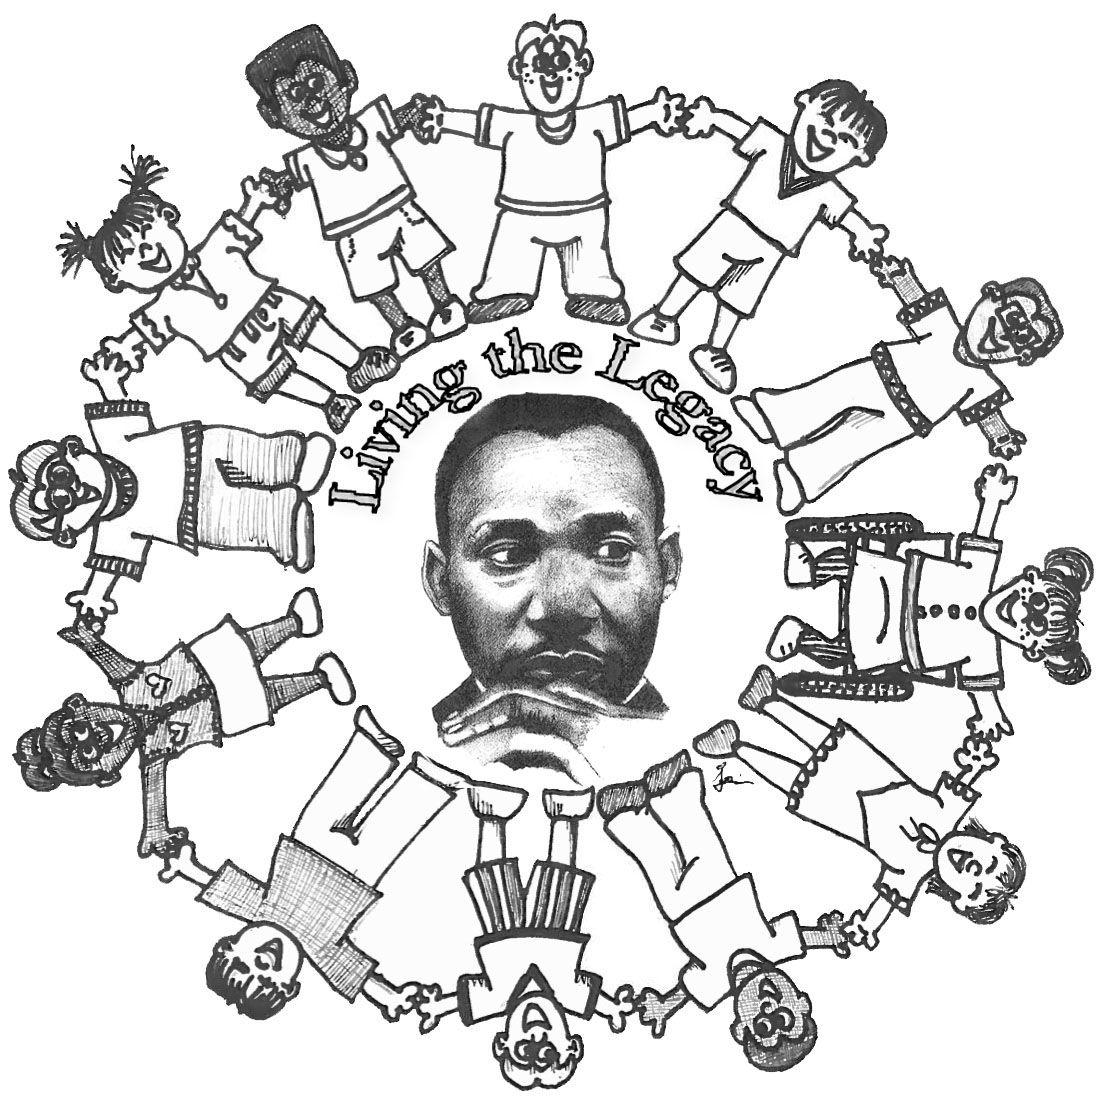 Pin de 𝕬𝖓𝖓𝖒𝖆𝖗𝖎𝖊 en Martin Luther King Jr. | Pinterest